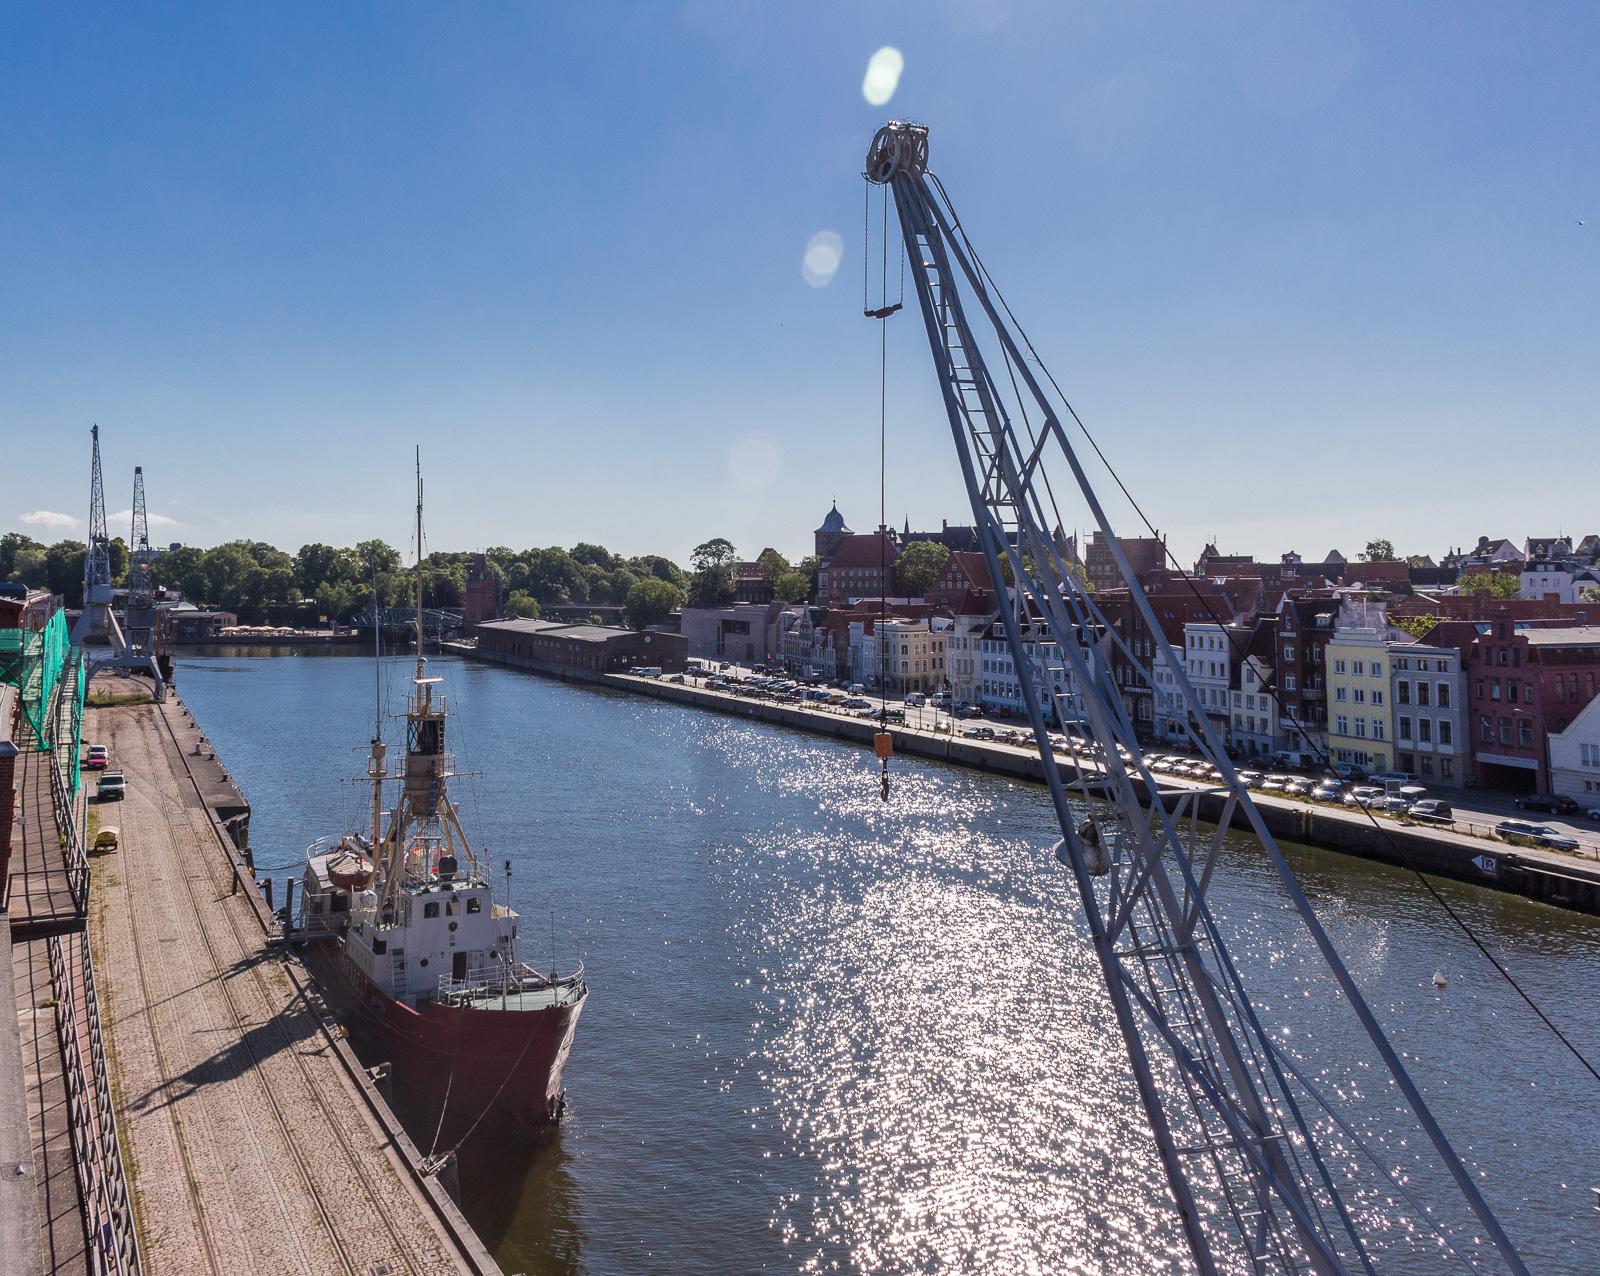 Lübeck, Luebeck, Lübecker Altstadt, Sightseeing, Städtetour, Luebeck entdecken, Unesco Weltkuturerbe, Sightseeing, Trave, Hafen,